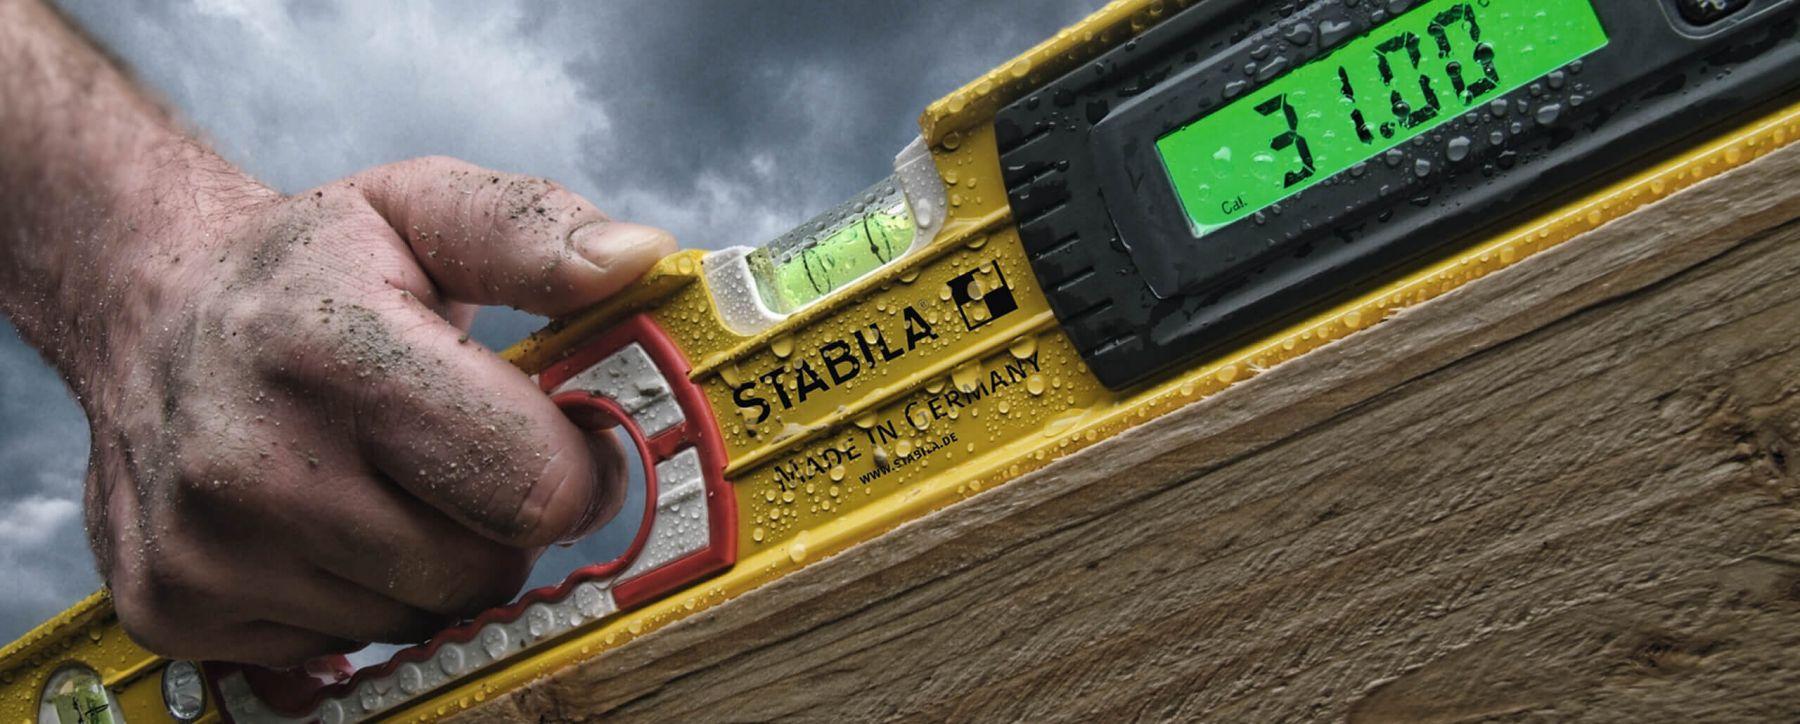 thước thủy điện tử ứng dụng trong thi công xây dựng Stabila Germany.